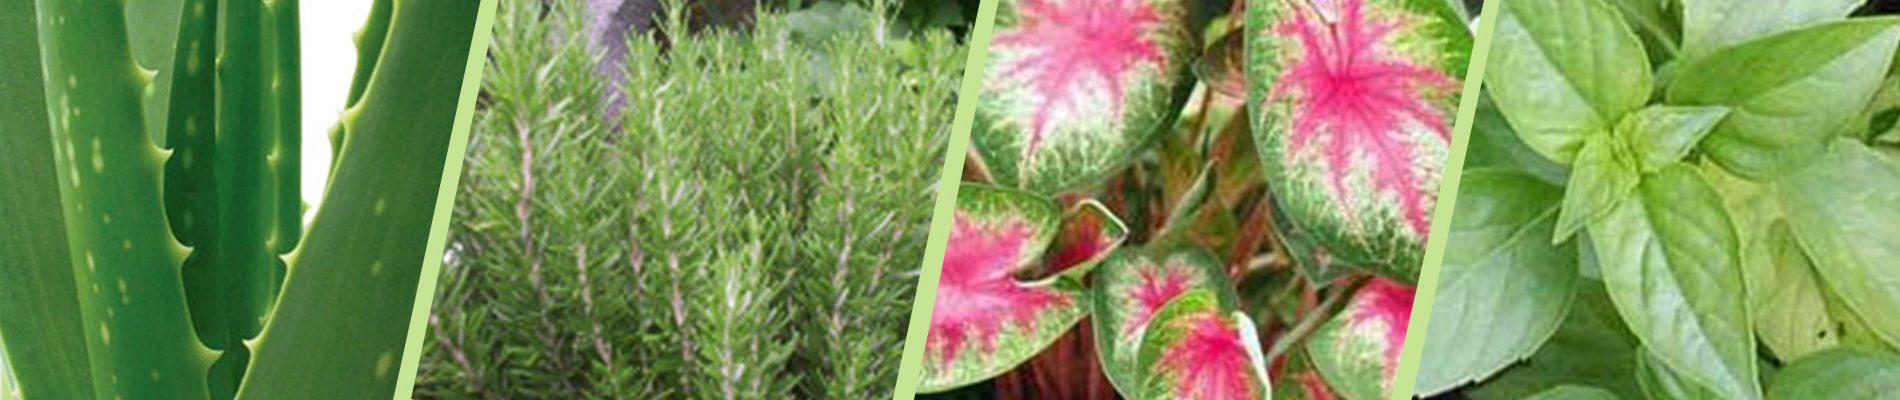 Herbs Online India | Buy Herbs - Garden World